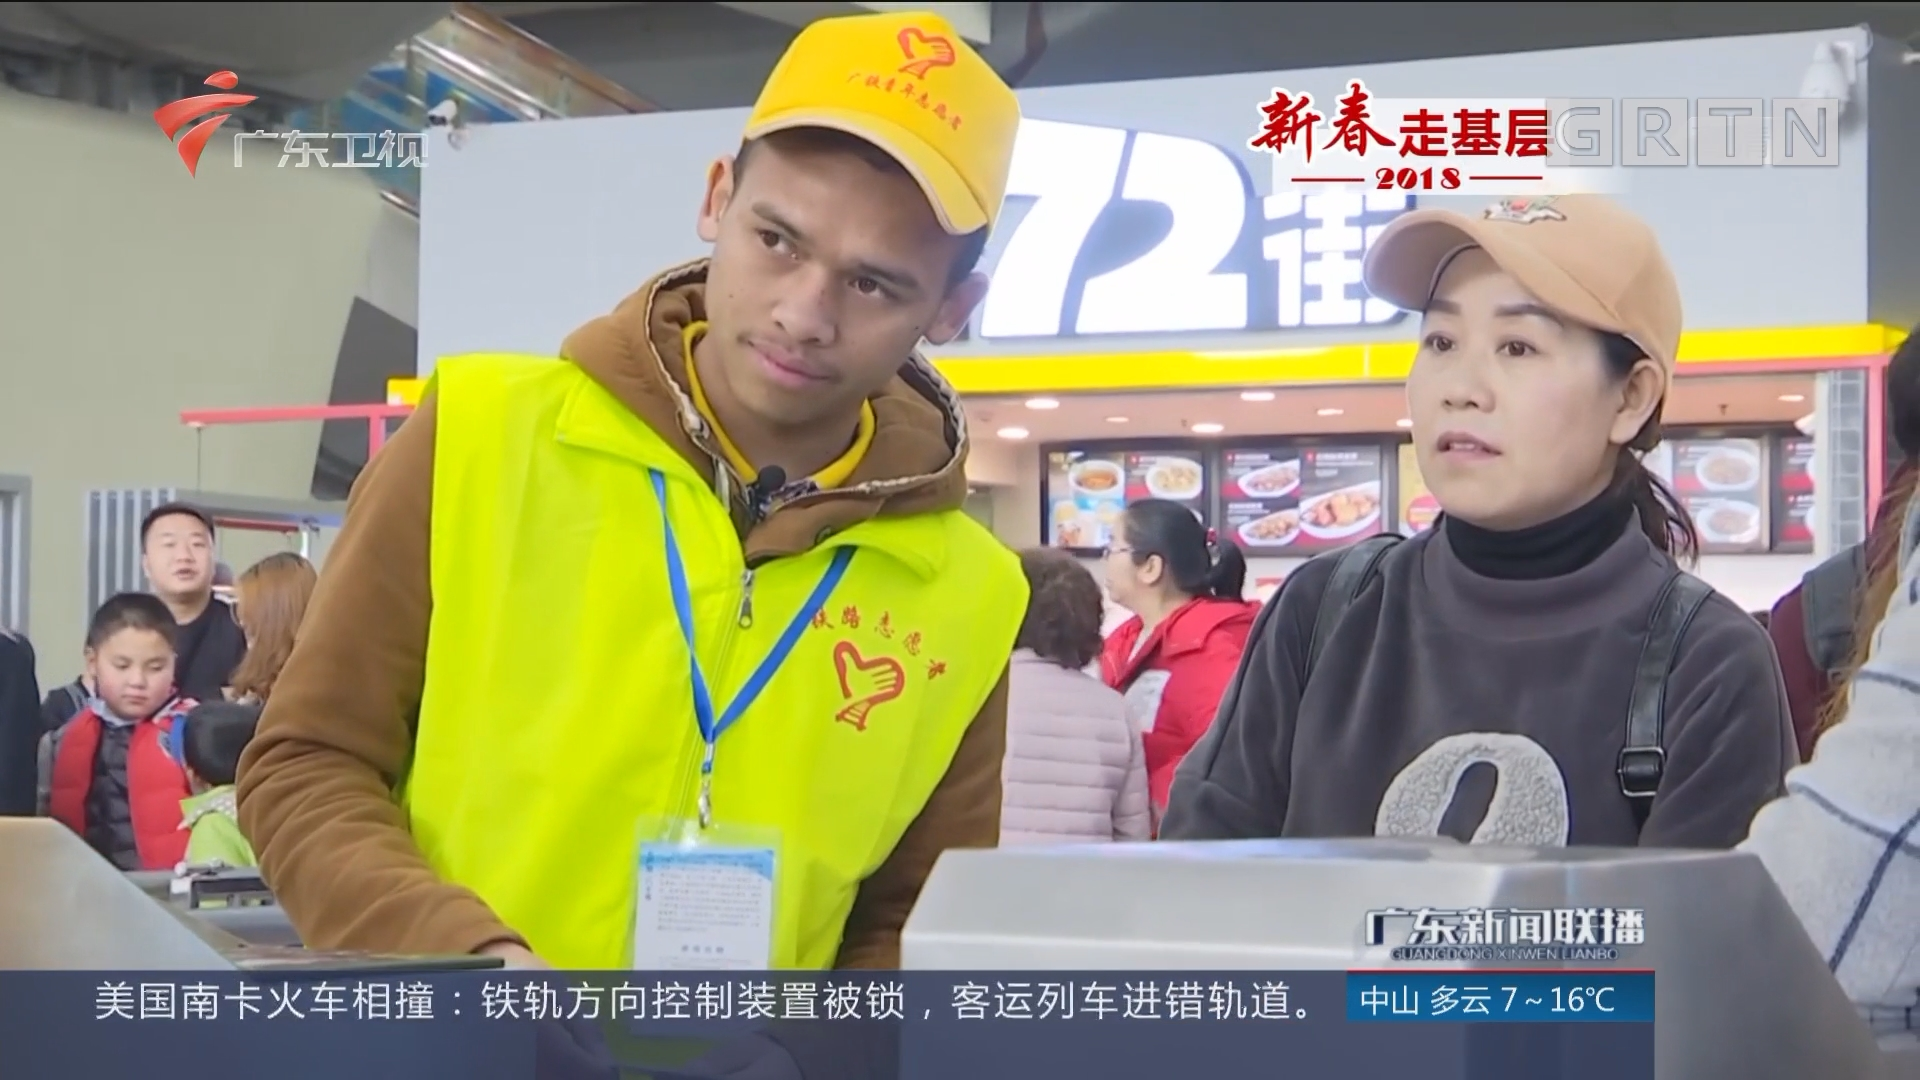 广州南站的留学生春运志愿者